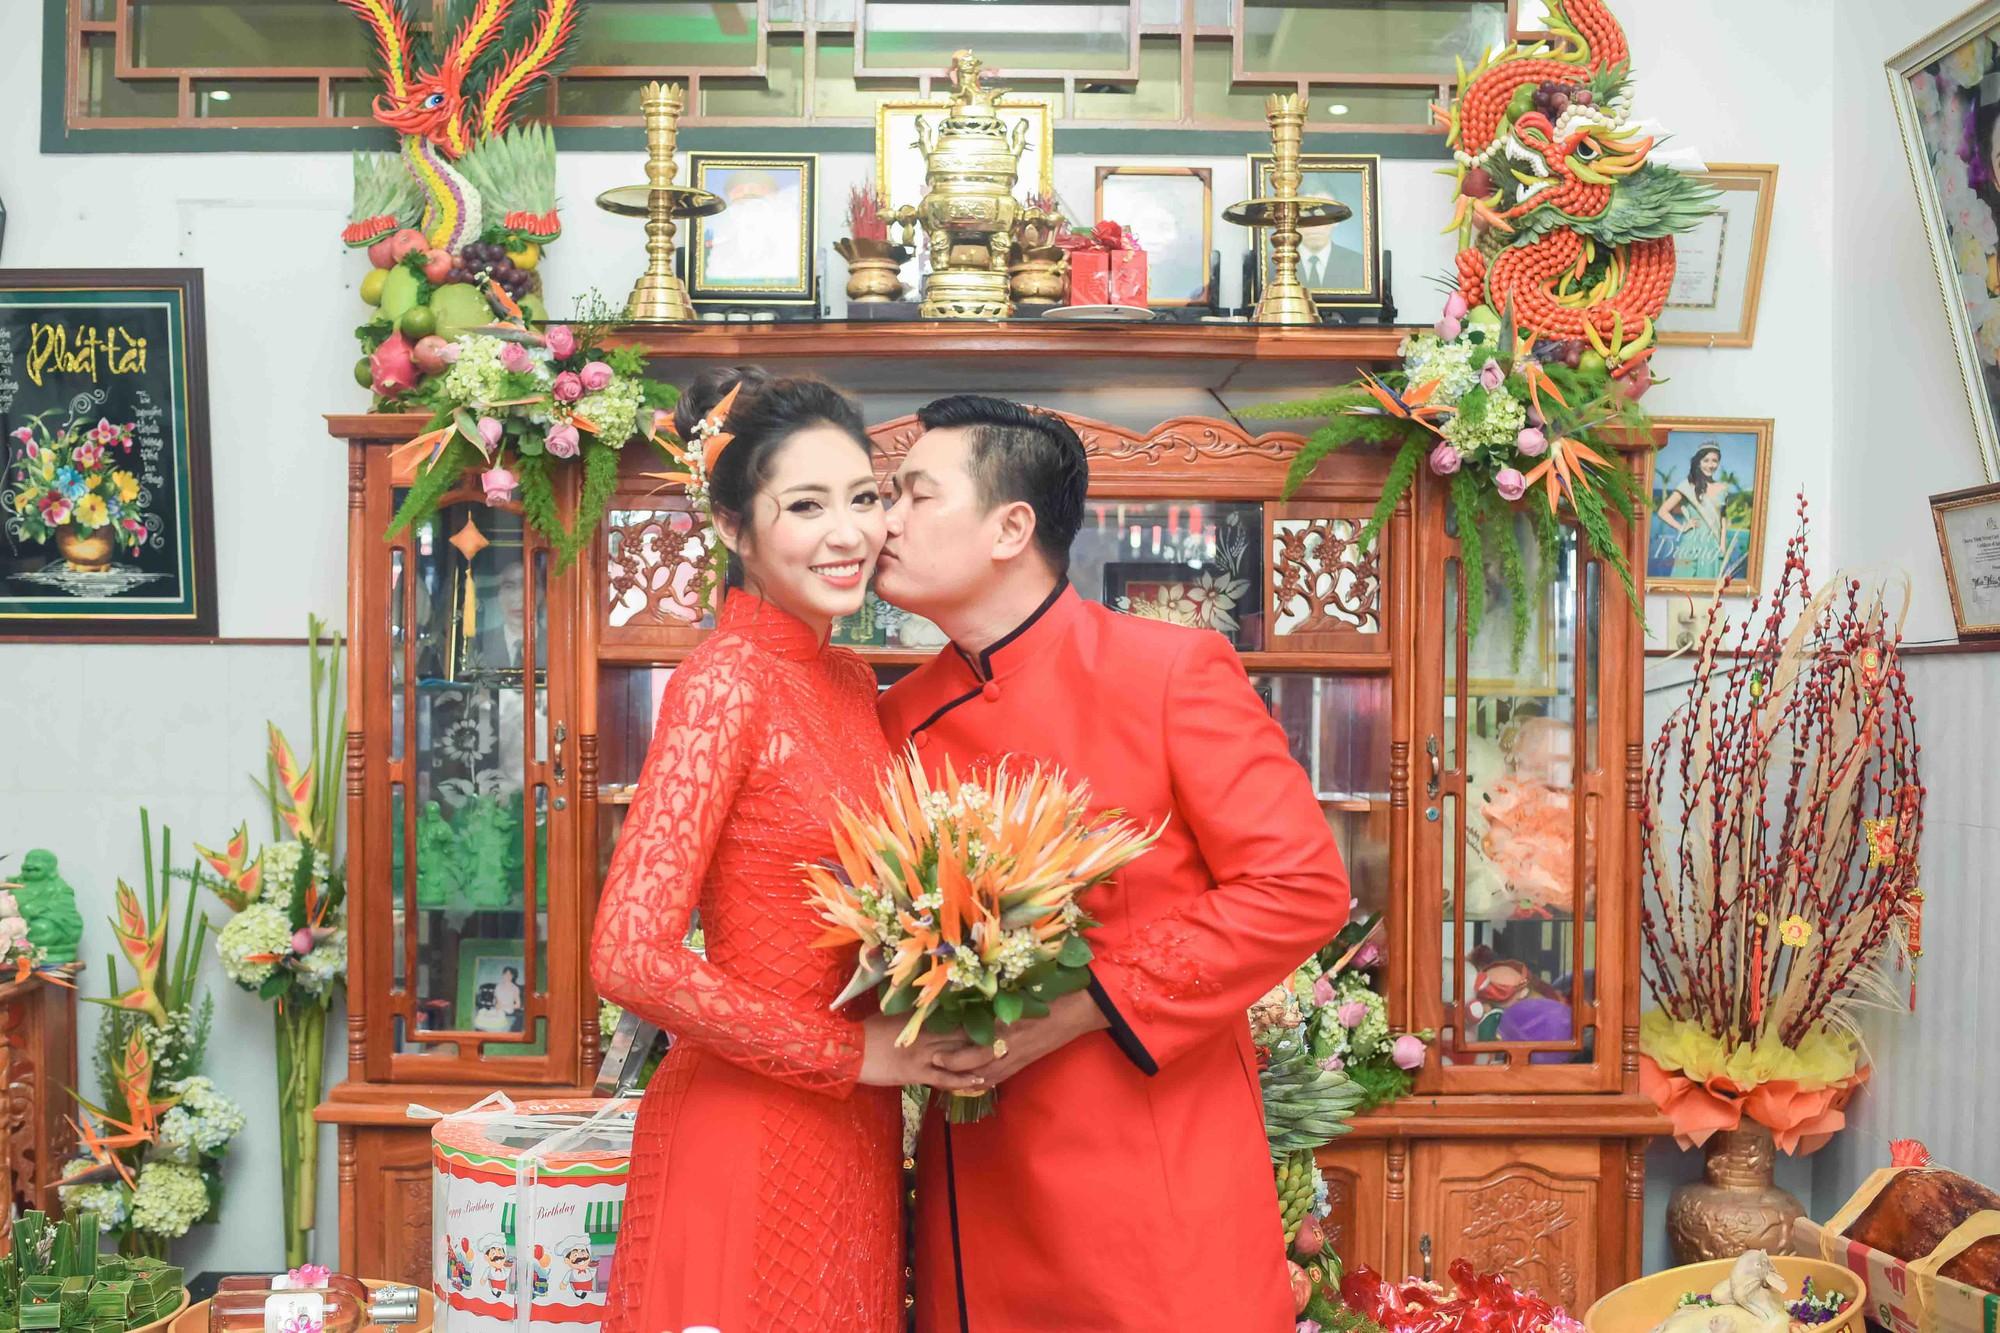 Hoa hậu trả vương miện Đặng Thu Thảo rạng rỡ bên vị hôn phu trong lễ đính hôn tại Cần Thơ - Ảnh 6.